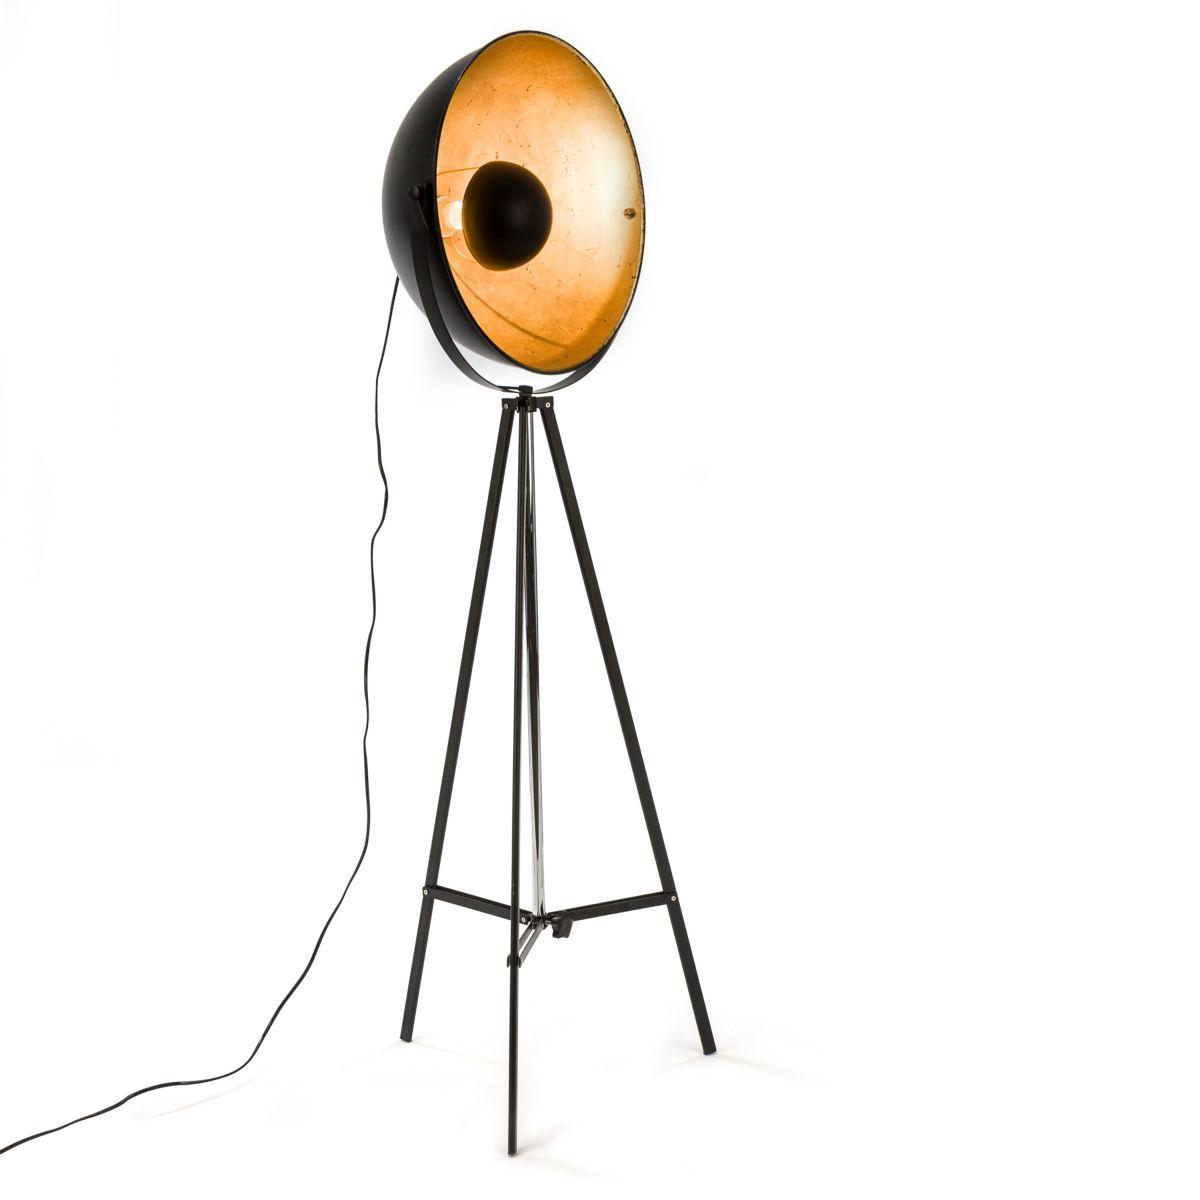 Stehleuchte Golden Eye Industrielook Moebeldeal Versandkostenfreie Möbel Online Bestellen